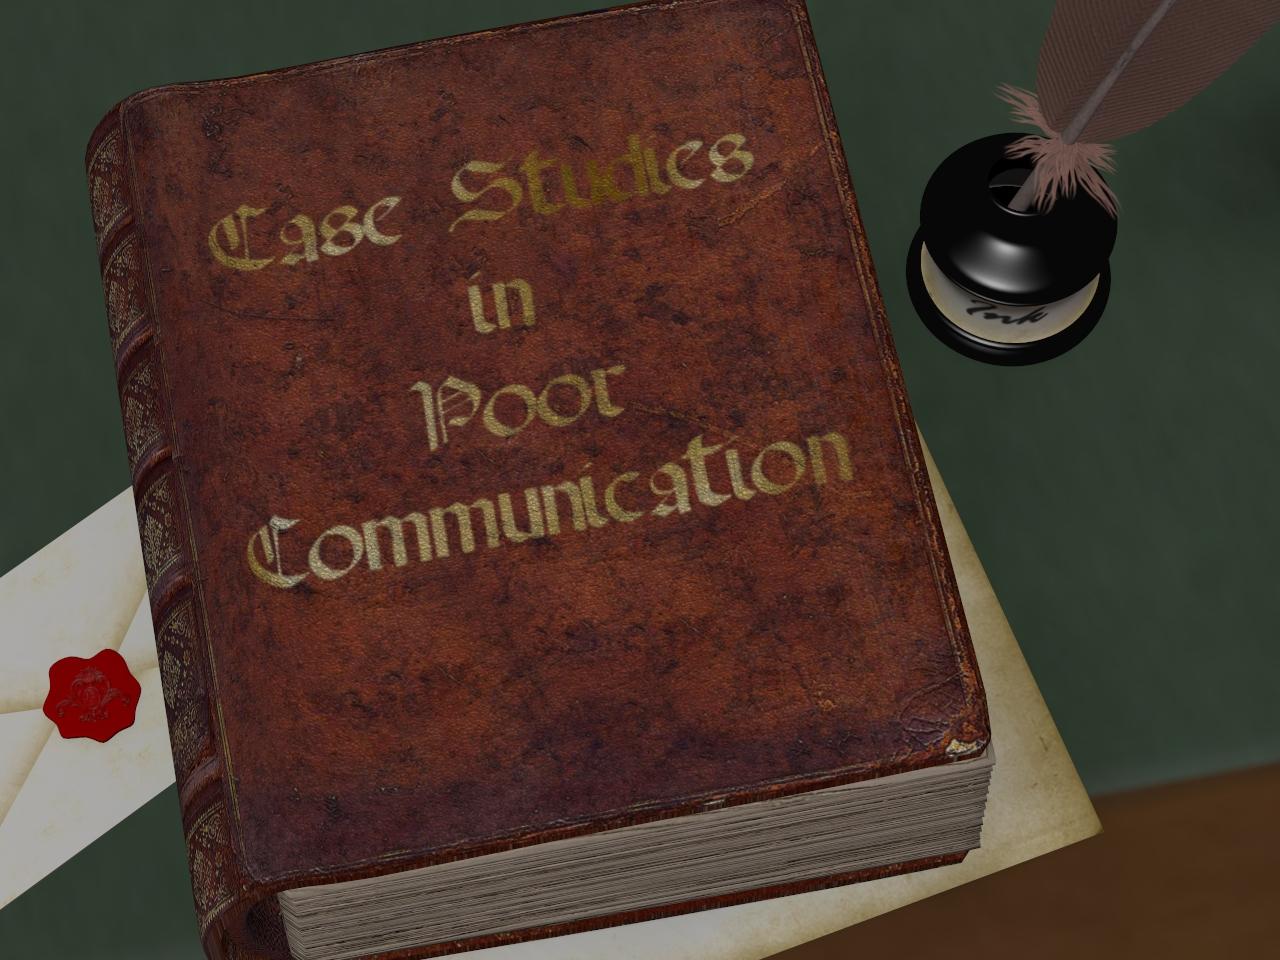 A Study in Communication, Webhostinghub